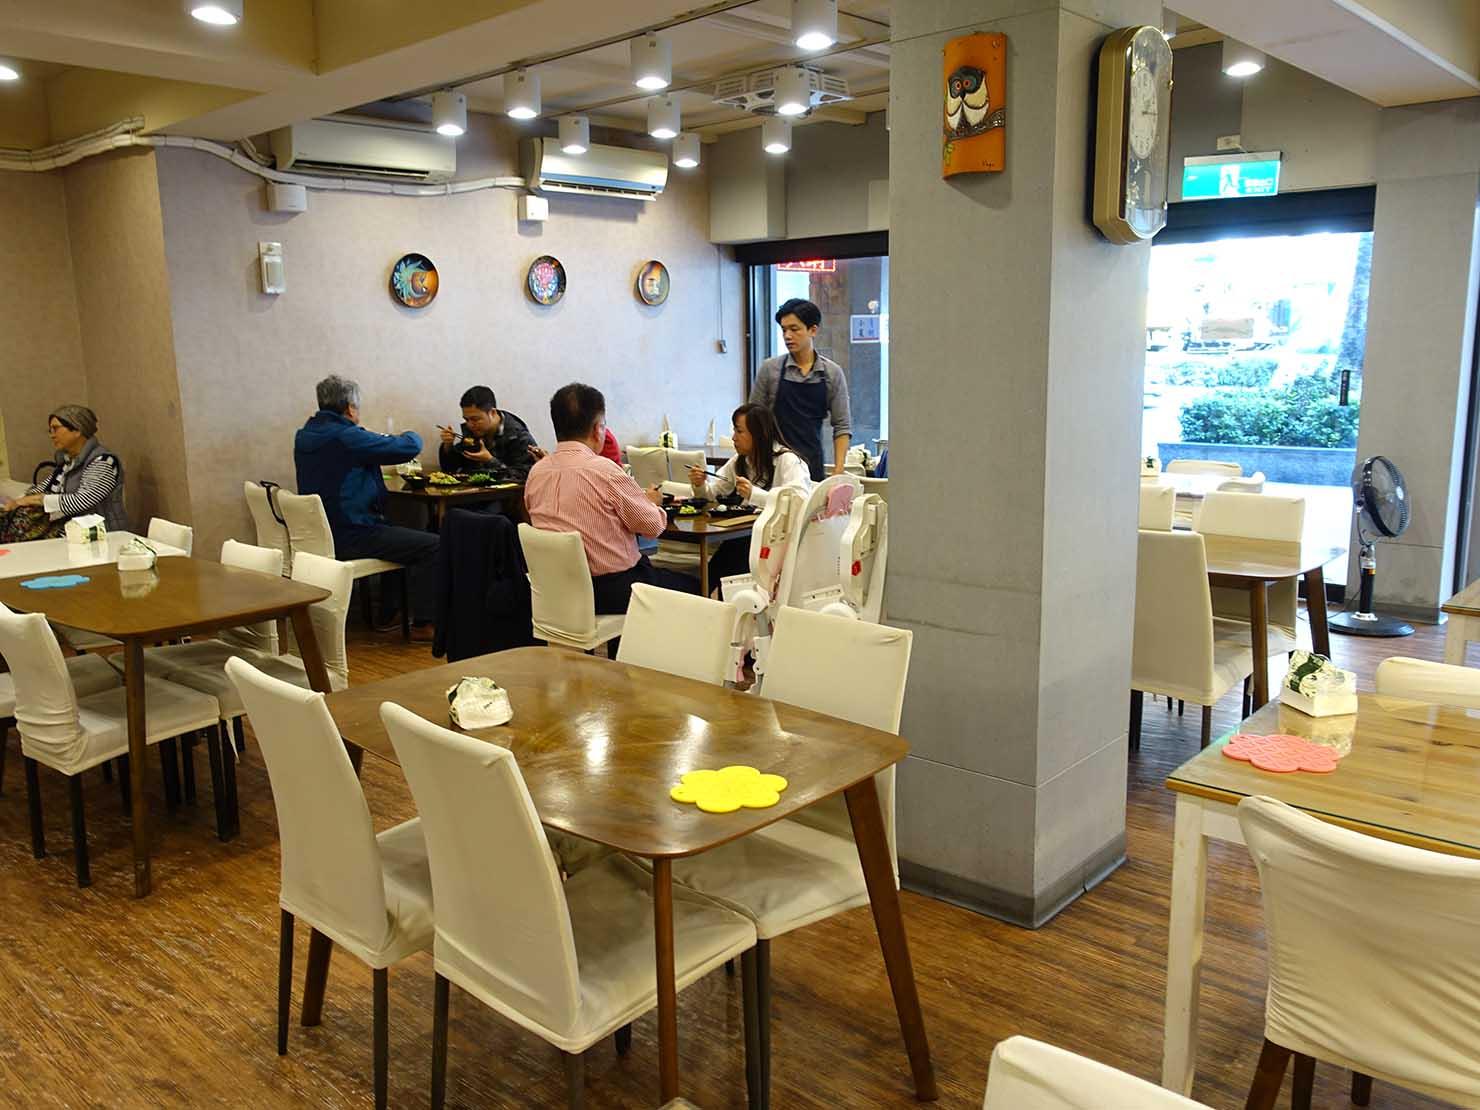 台北・清粥街(お粥街)にある「無名字清粥小菜」の店内